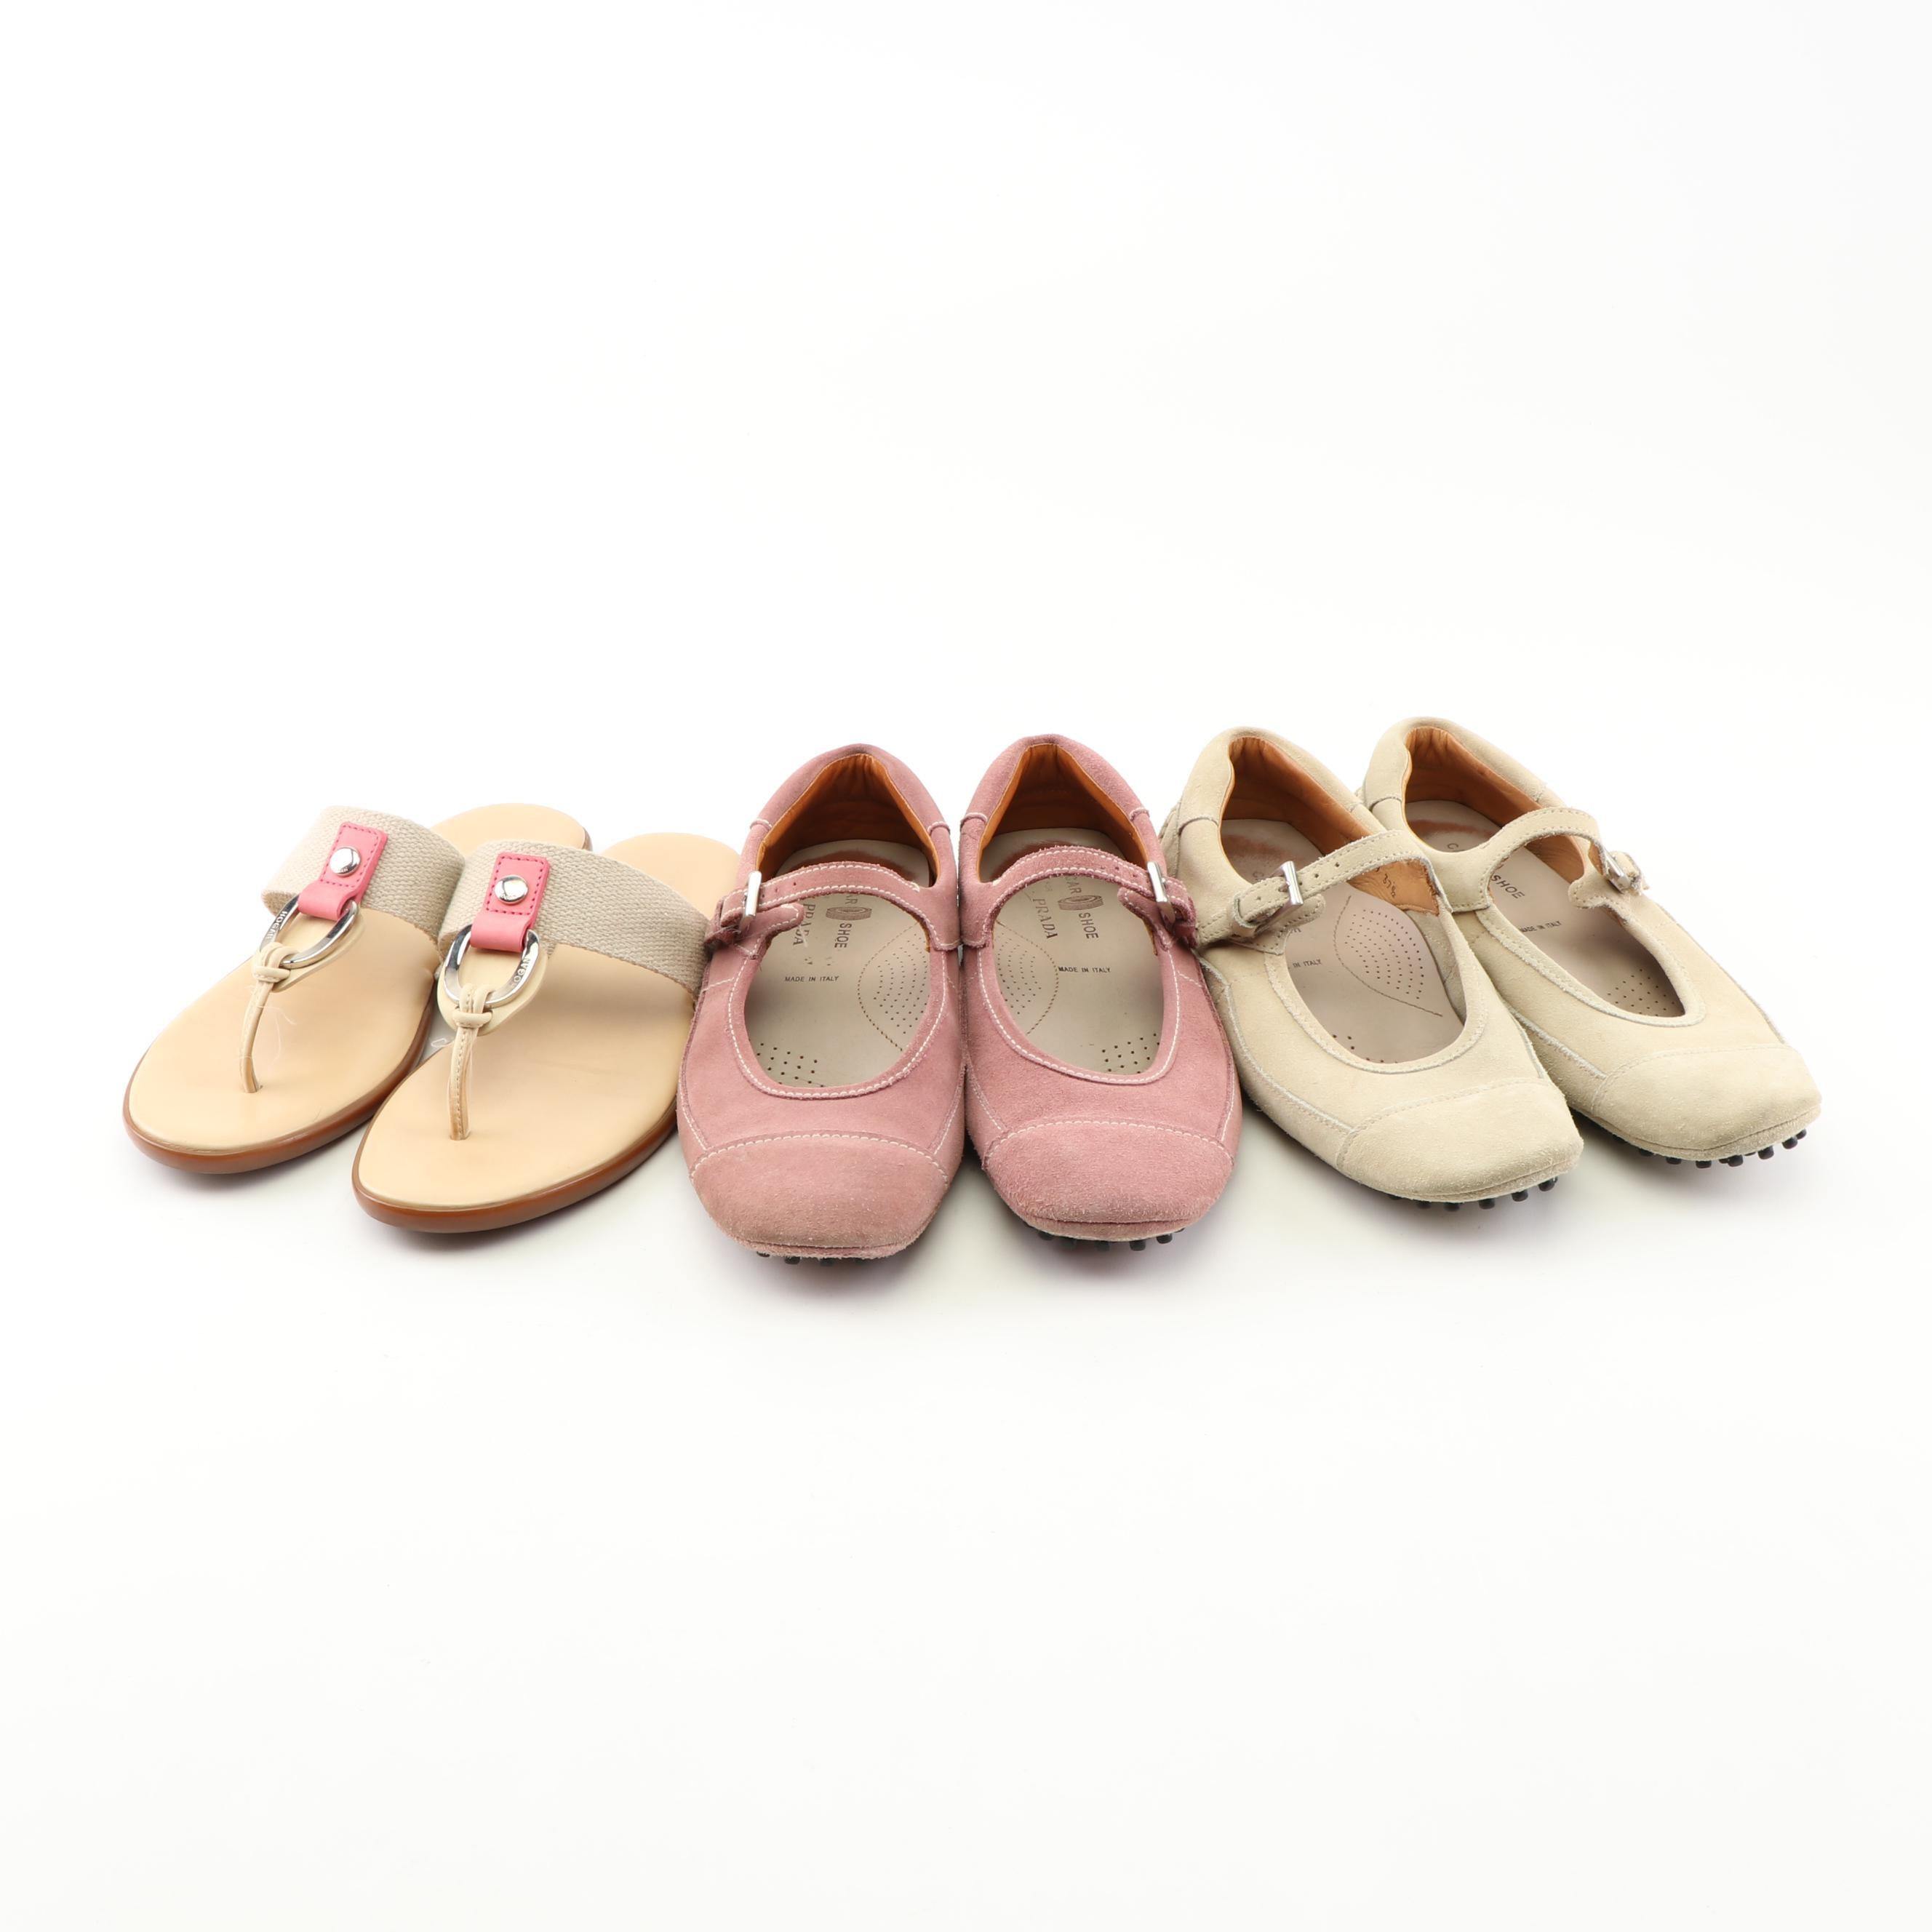 The Car Shoe for Prada Suede Flats and Hogan Thongs